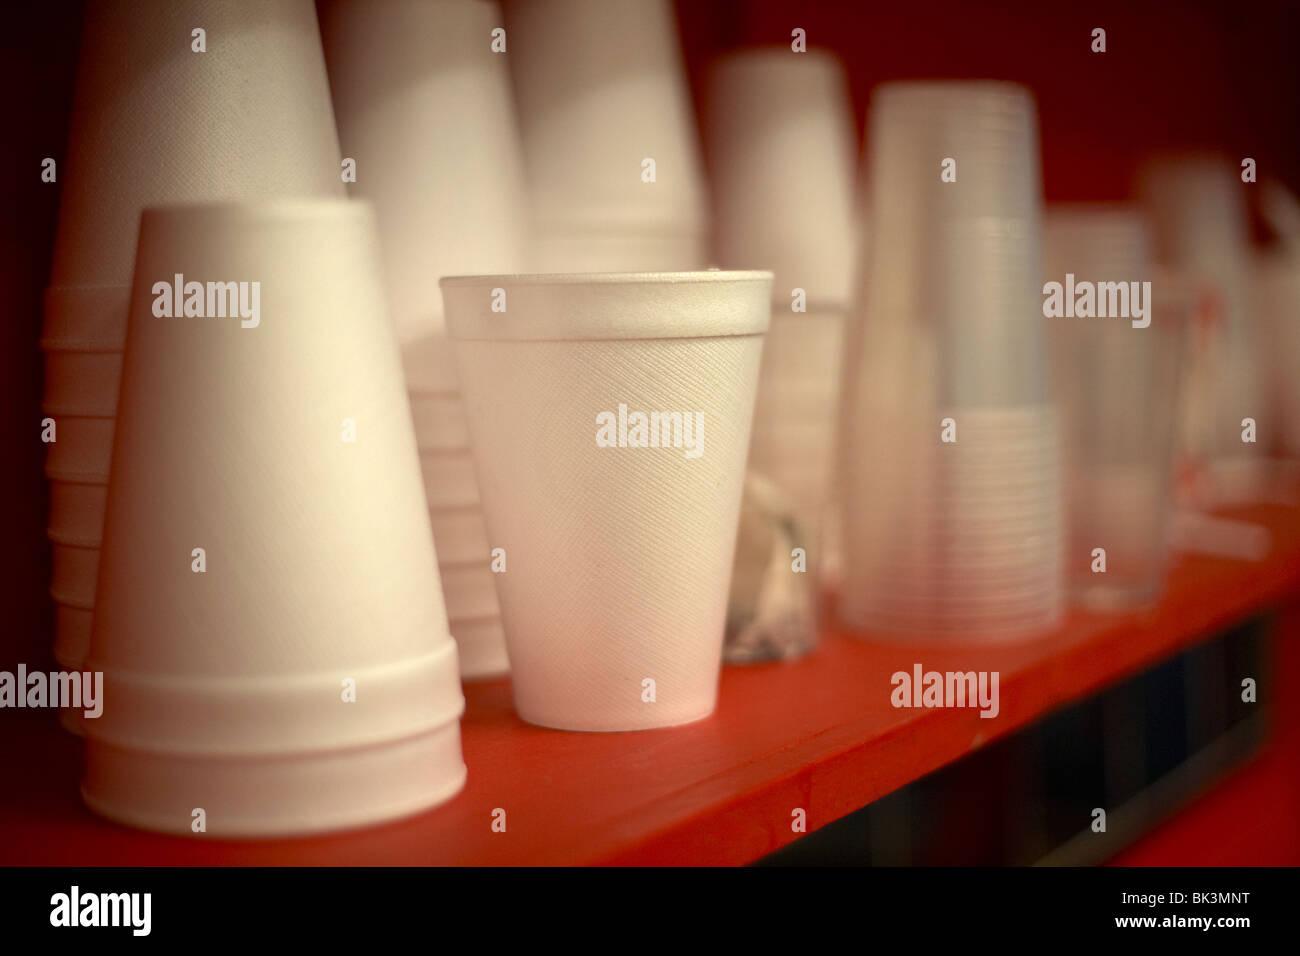 Tas de nouvelles tasses en polystyrène assis sur un plateau rouge, selective focus Photo Stock